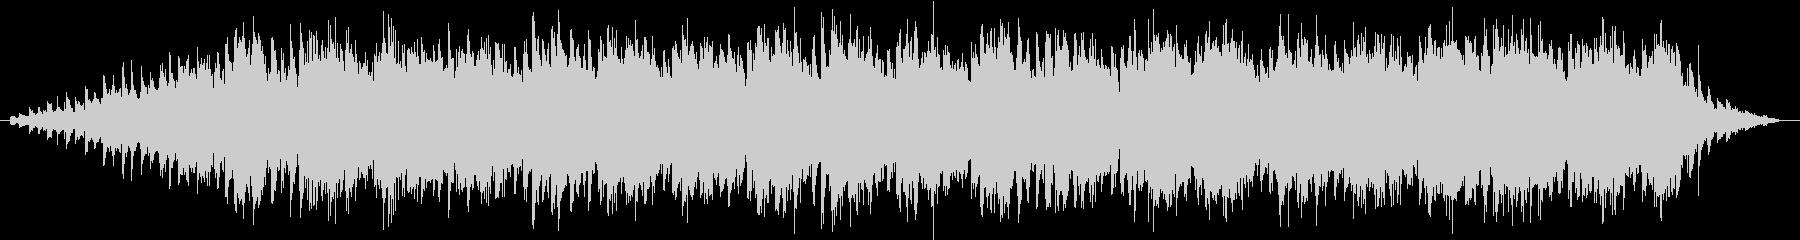 スローモーション映像に使えるBGMの未再生の波形